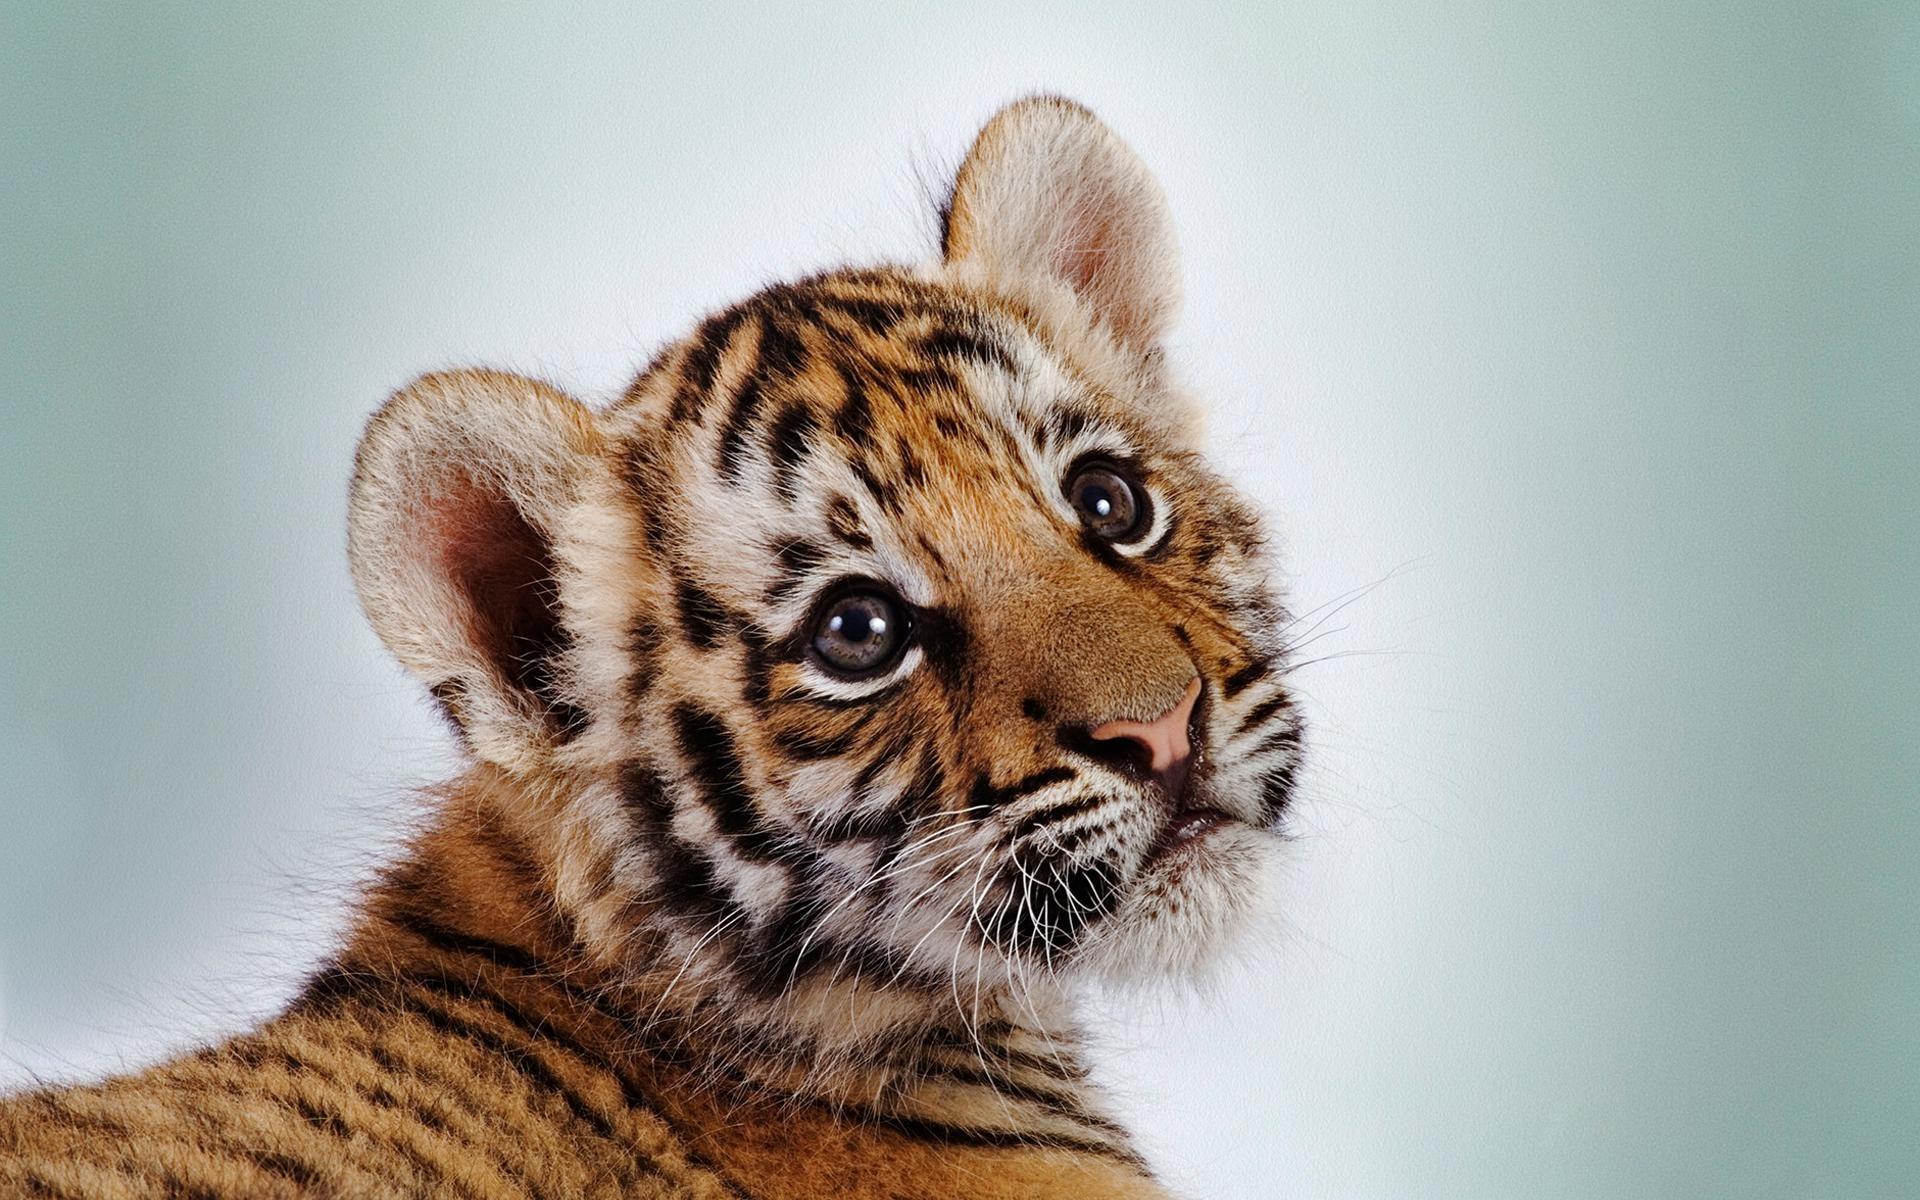 3d Tiger Wallpaper Hd 1080p Fitrini S Wallpaper